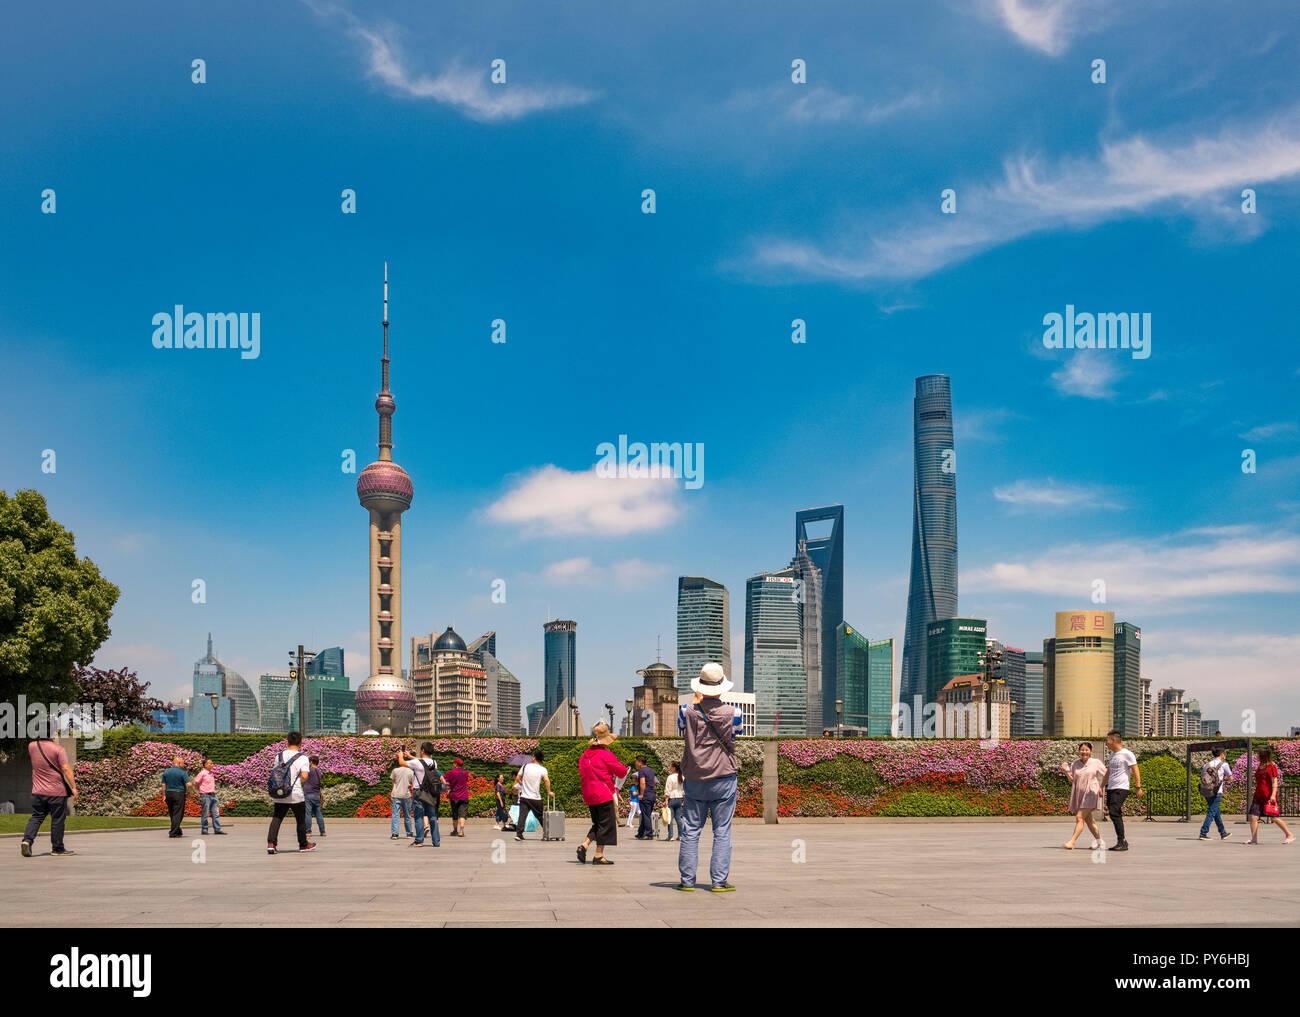 Shanghai skyline, China, Asia - Stock Image